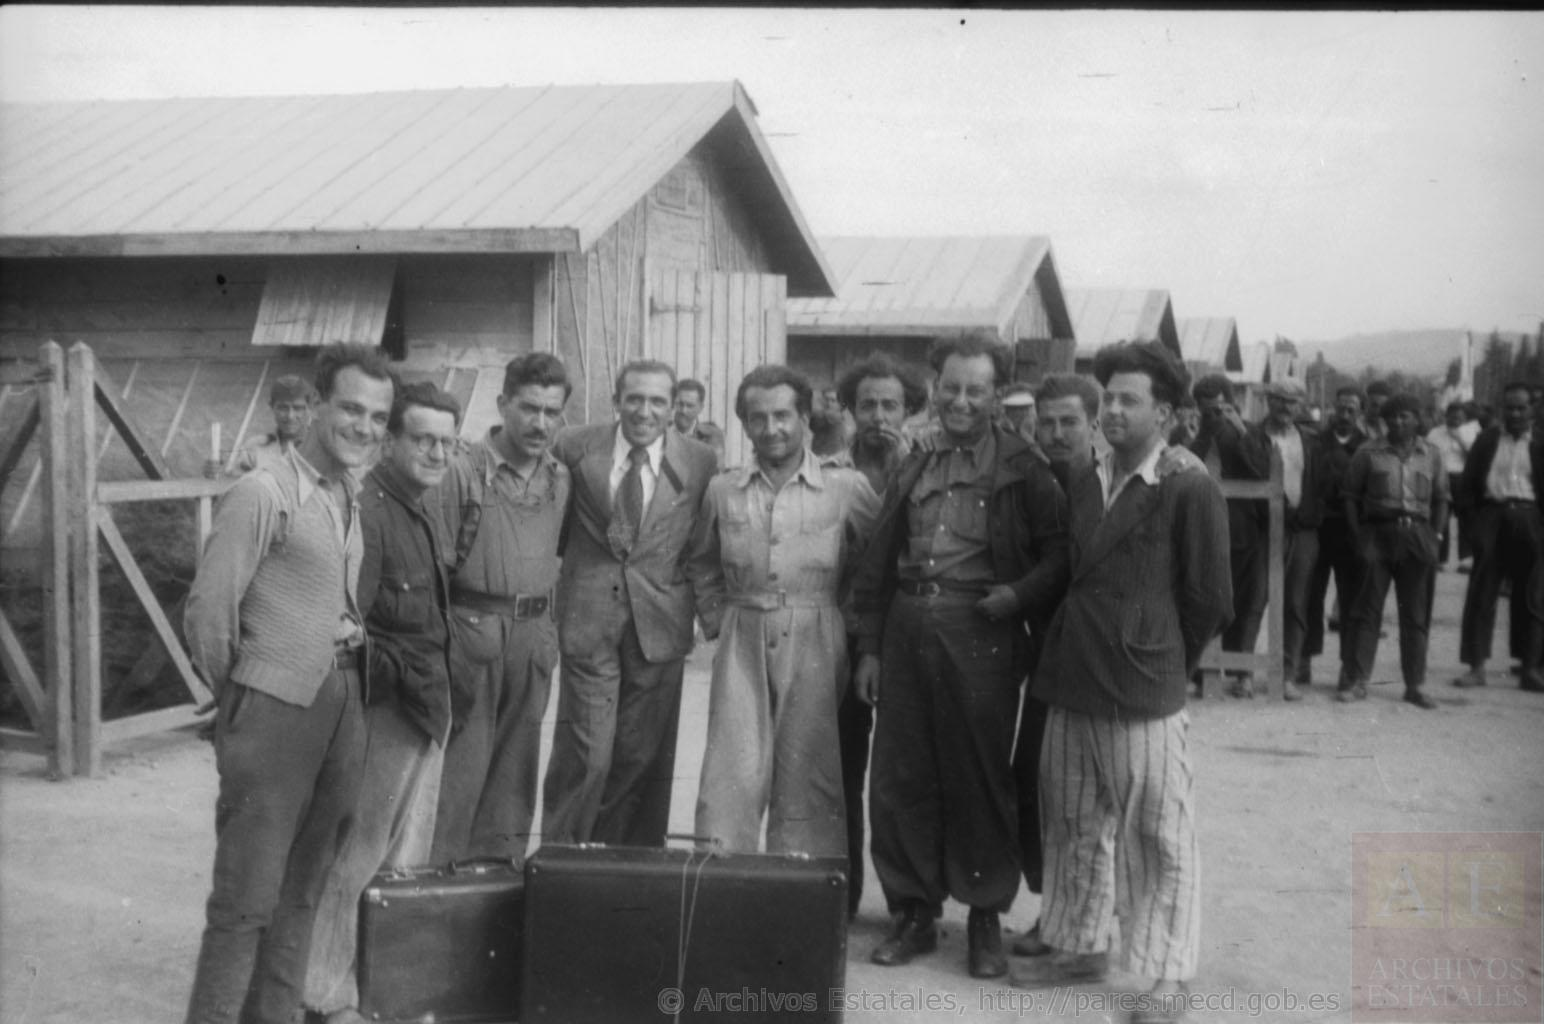 Fotografía de un grupo de republicanos españoles en el campo de concentración de Bram, en el sur de Francia, entre los que se encuentra el fotógrafo Agustí Centelles. Fotografía: Centro Documental de la Memoria Histórica,